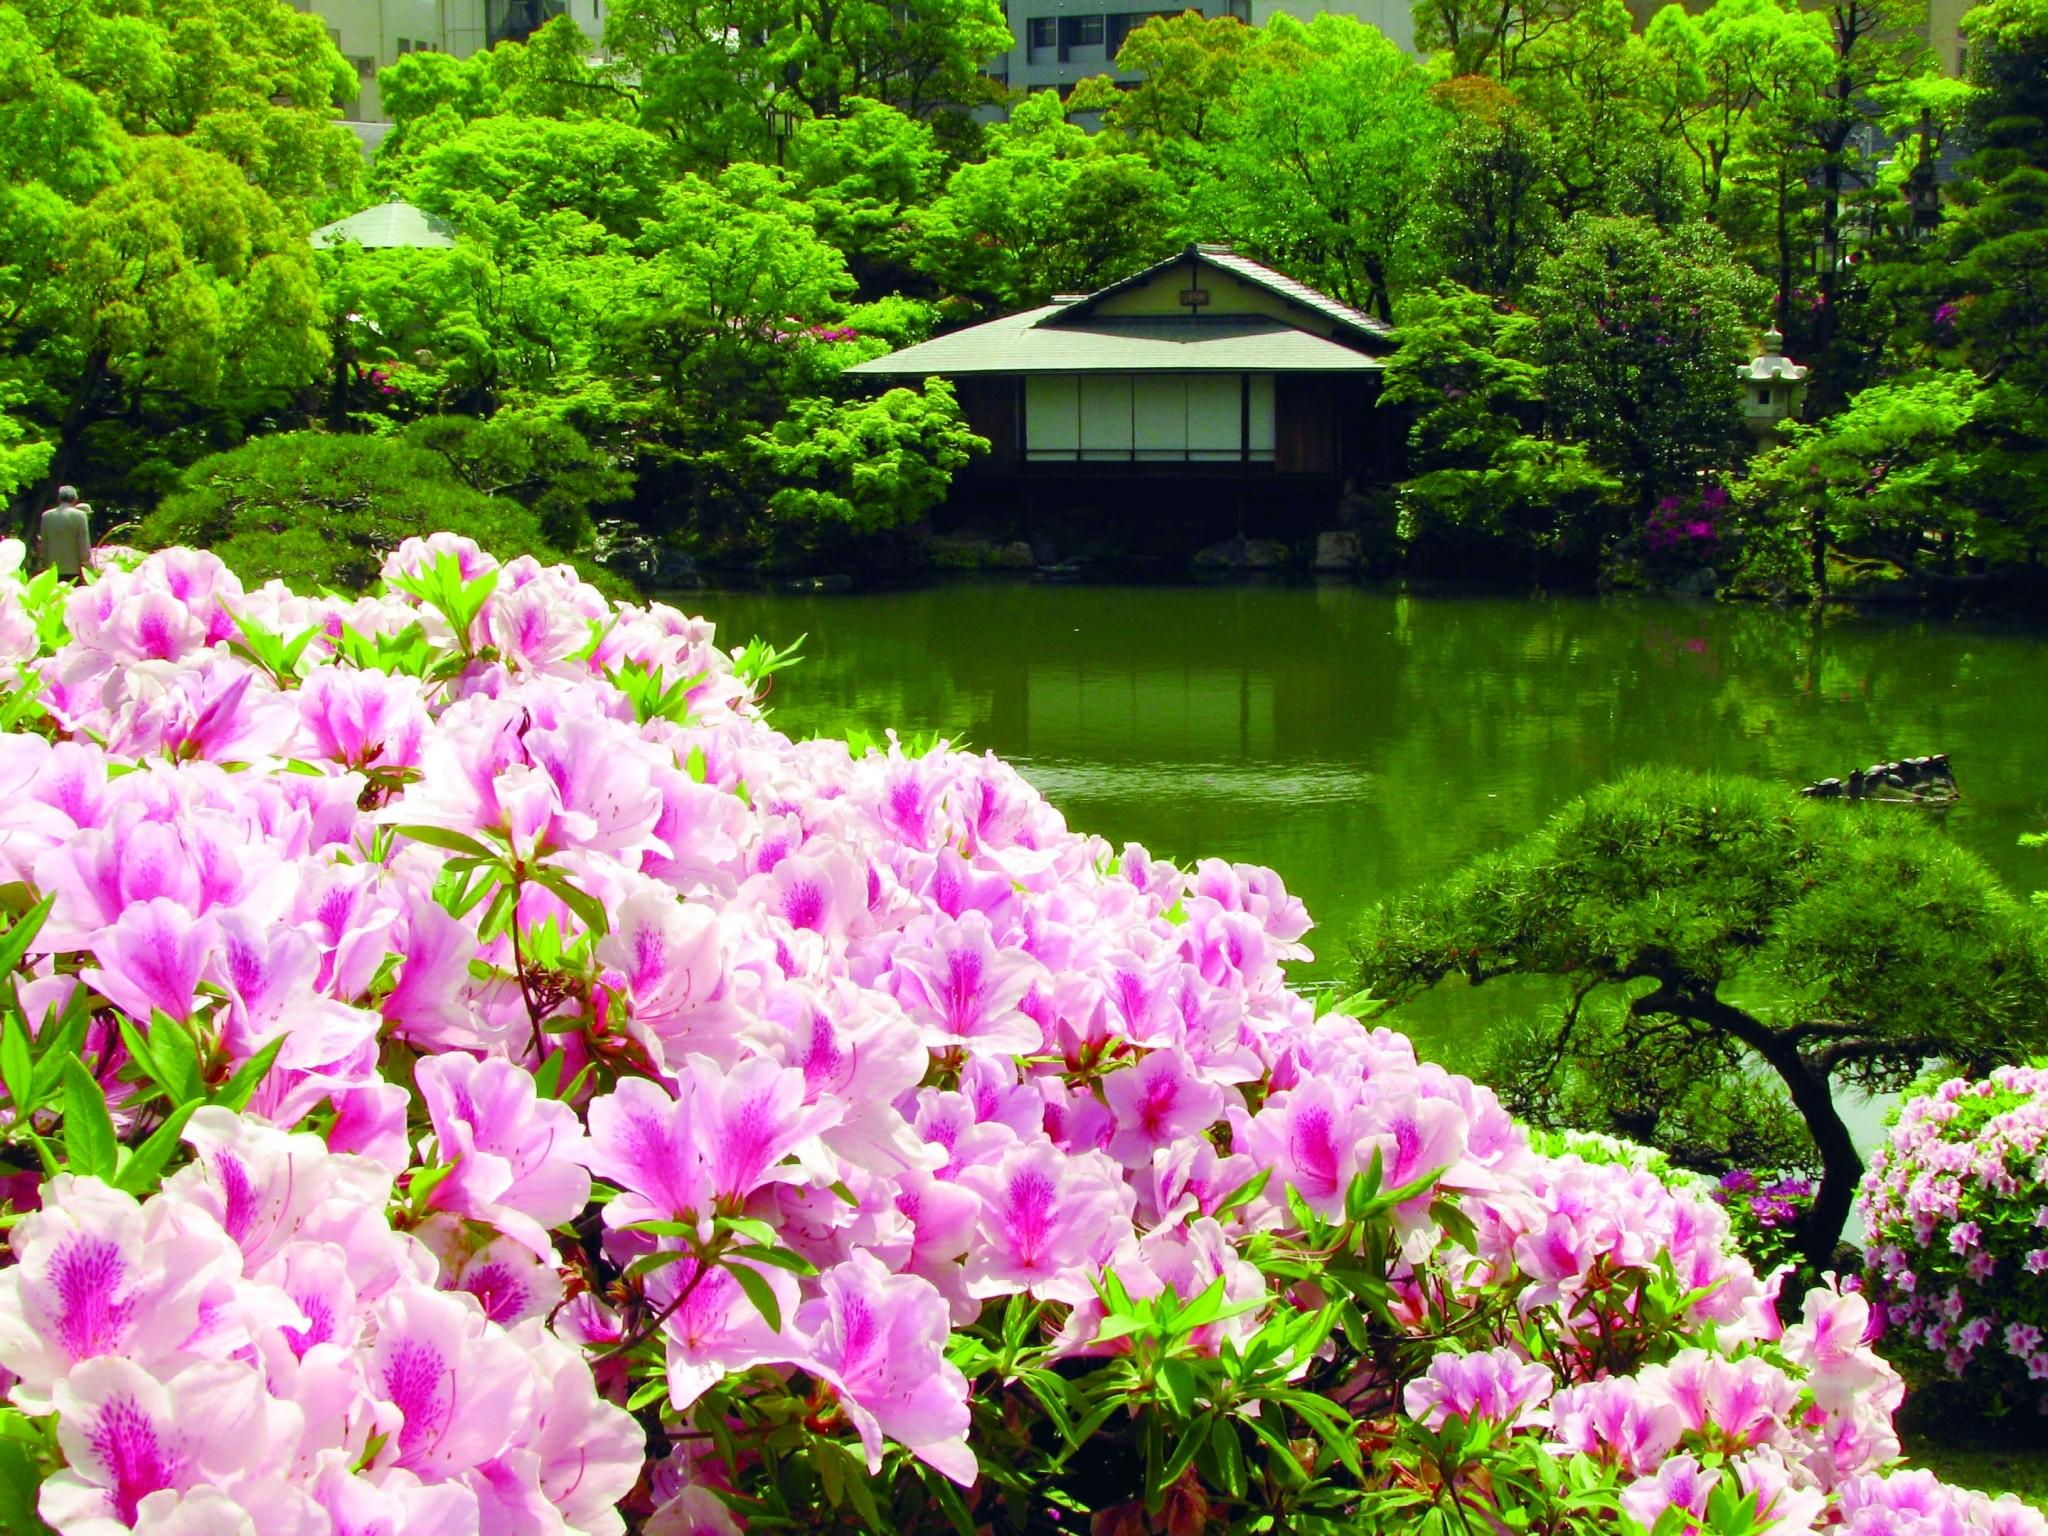 Le jardin japonais Sôrakuen